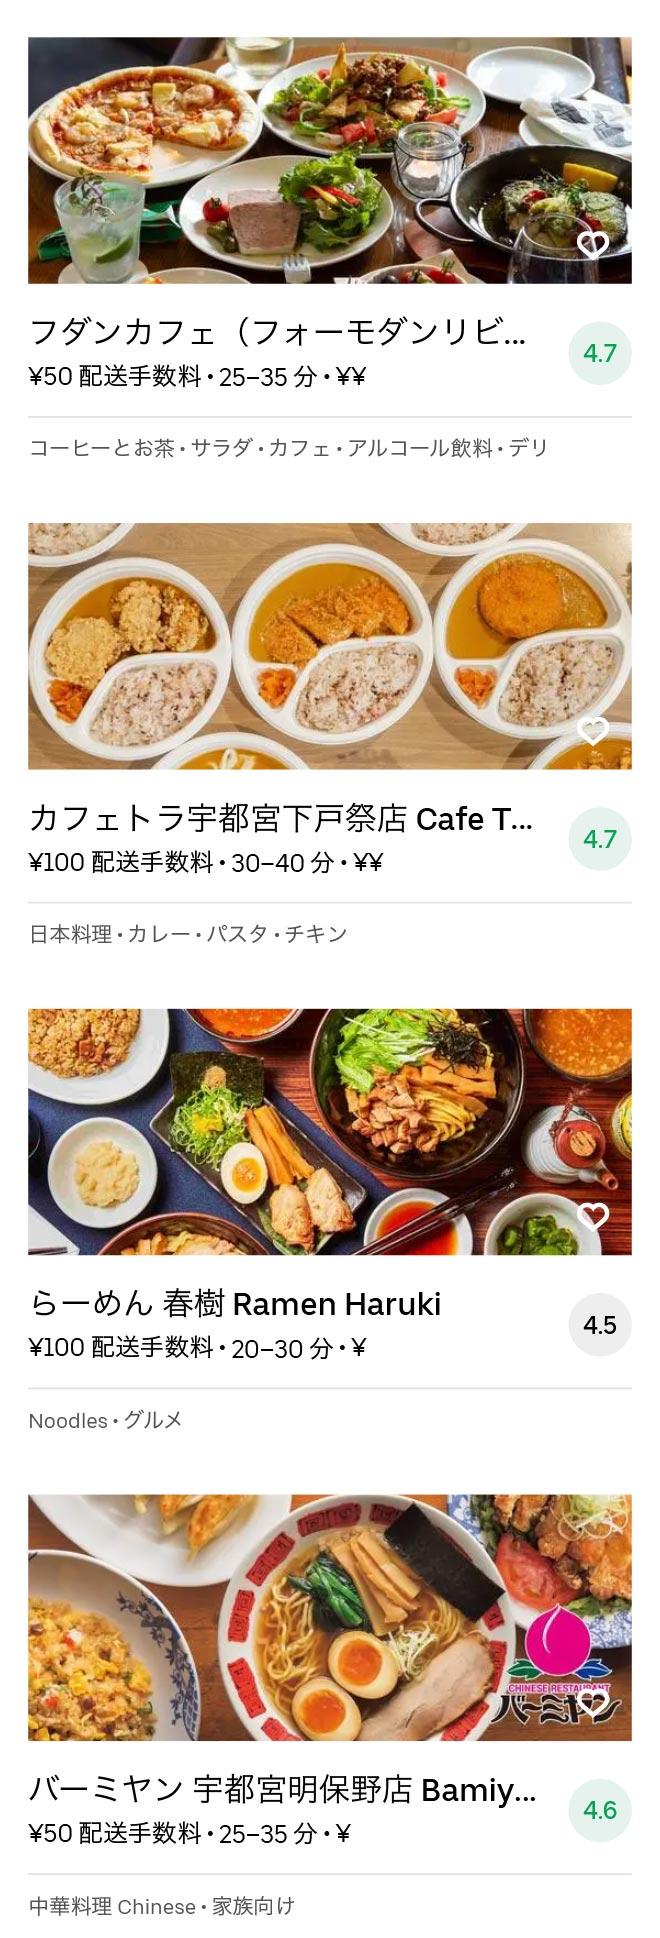 Tobu utsunomiya menu 2010 07